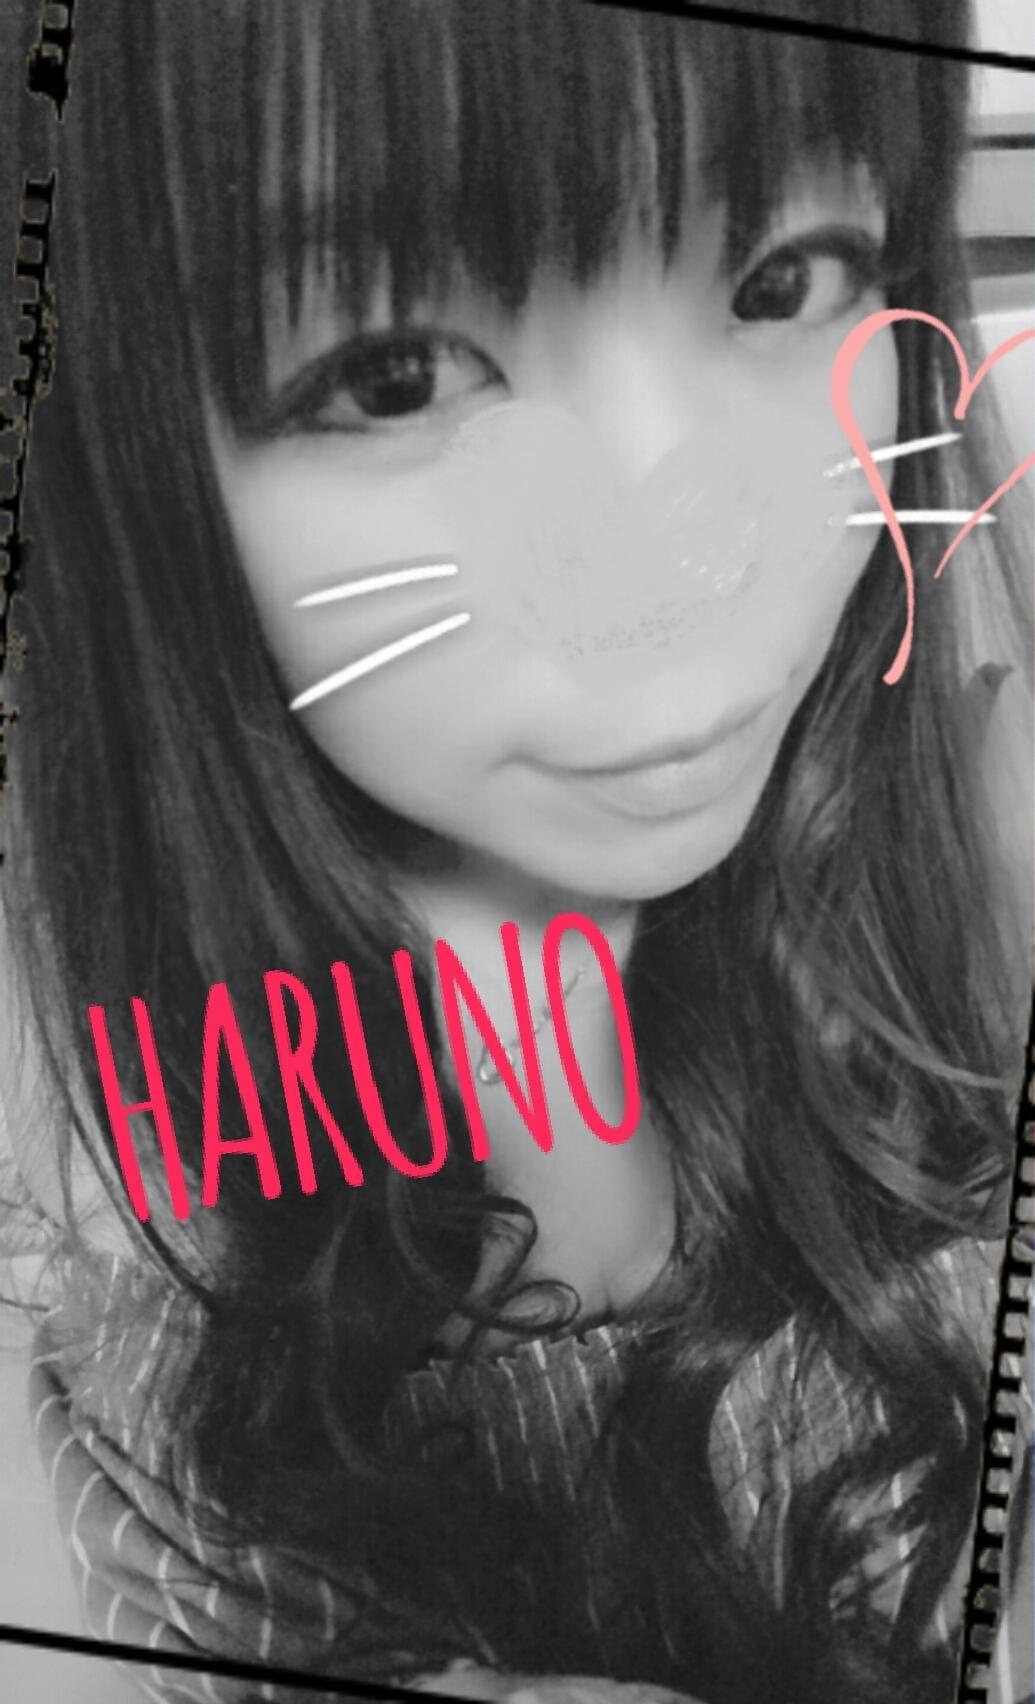 「ありがとう???」08/18(土) 03:48   ハルノの写メ・風俗動画